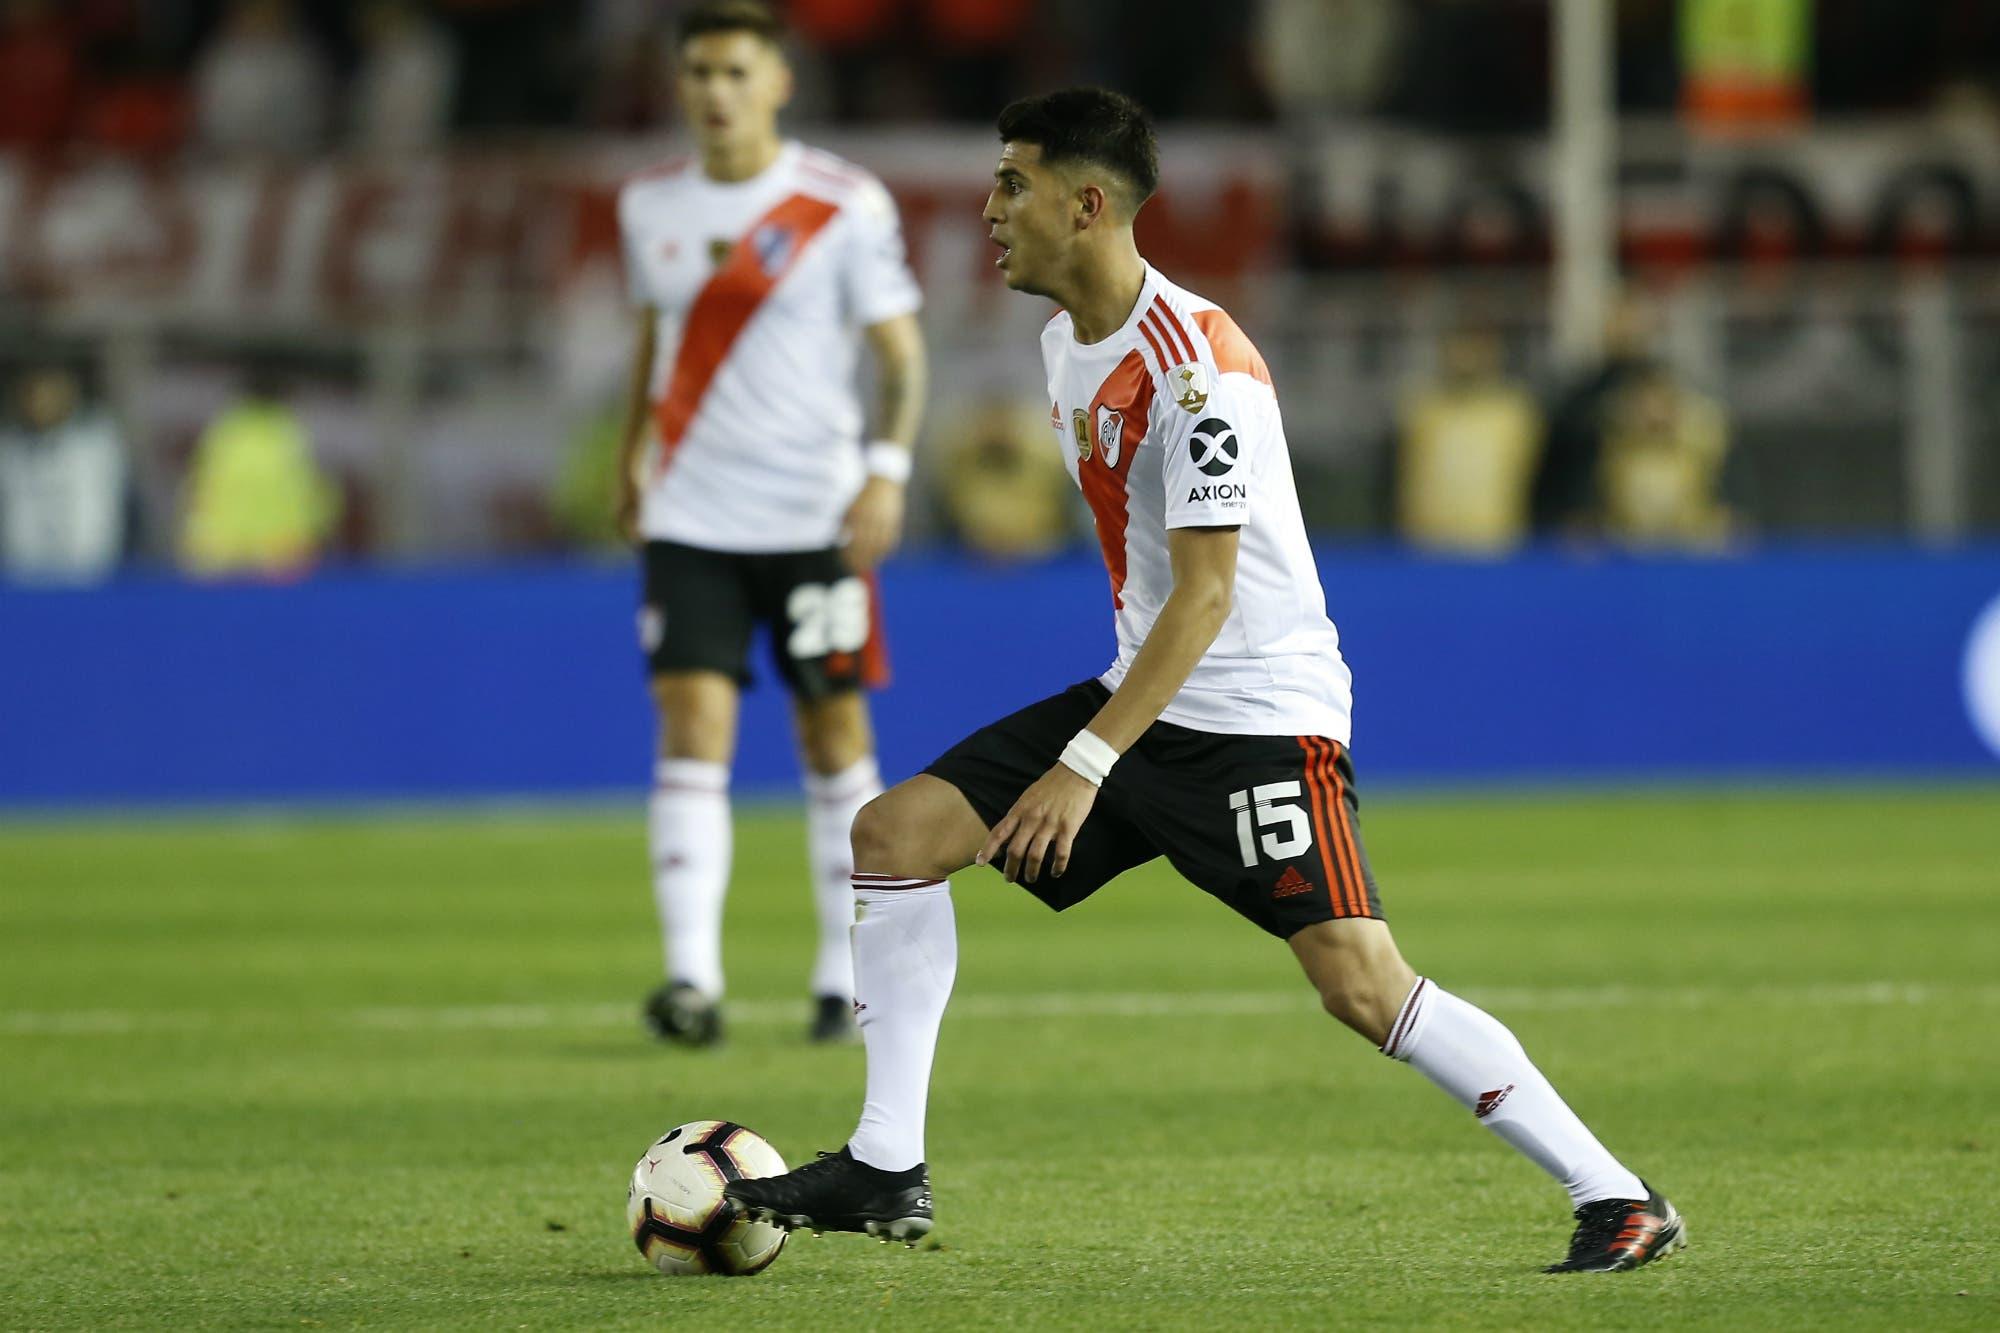 Newell´s-River, por la Superliga: horario, TV y formaciones